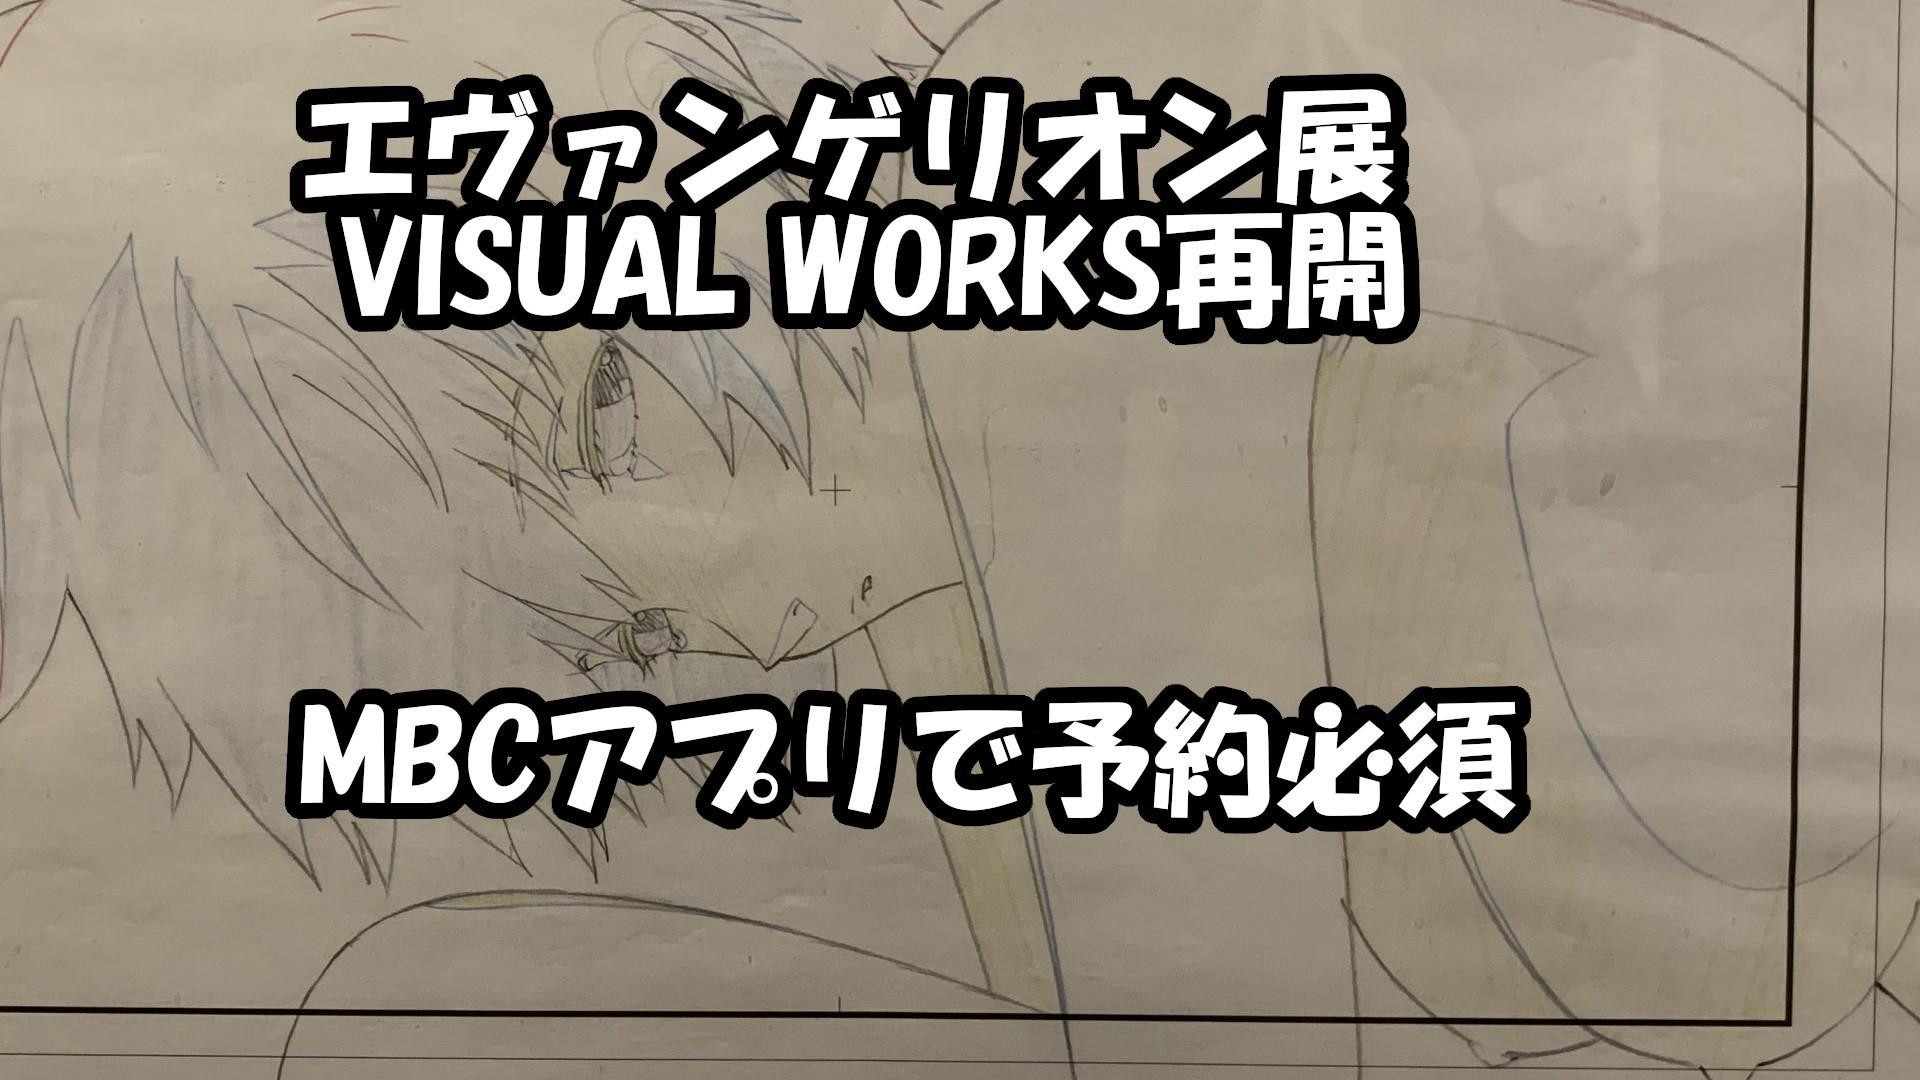 エヴァンゲリオン展 VISUAL WORKS再開・来場予約が必要!! イメージ画像